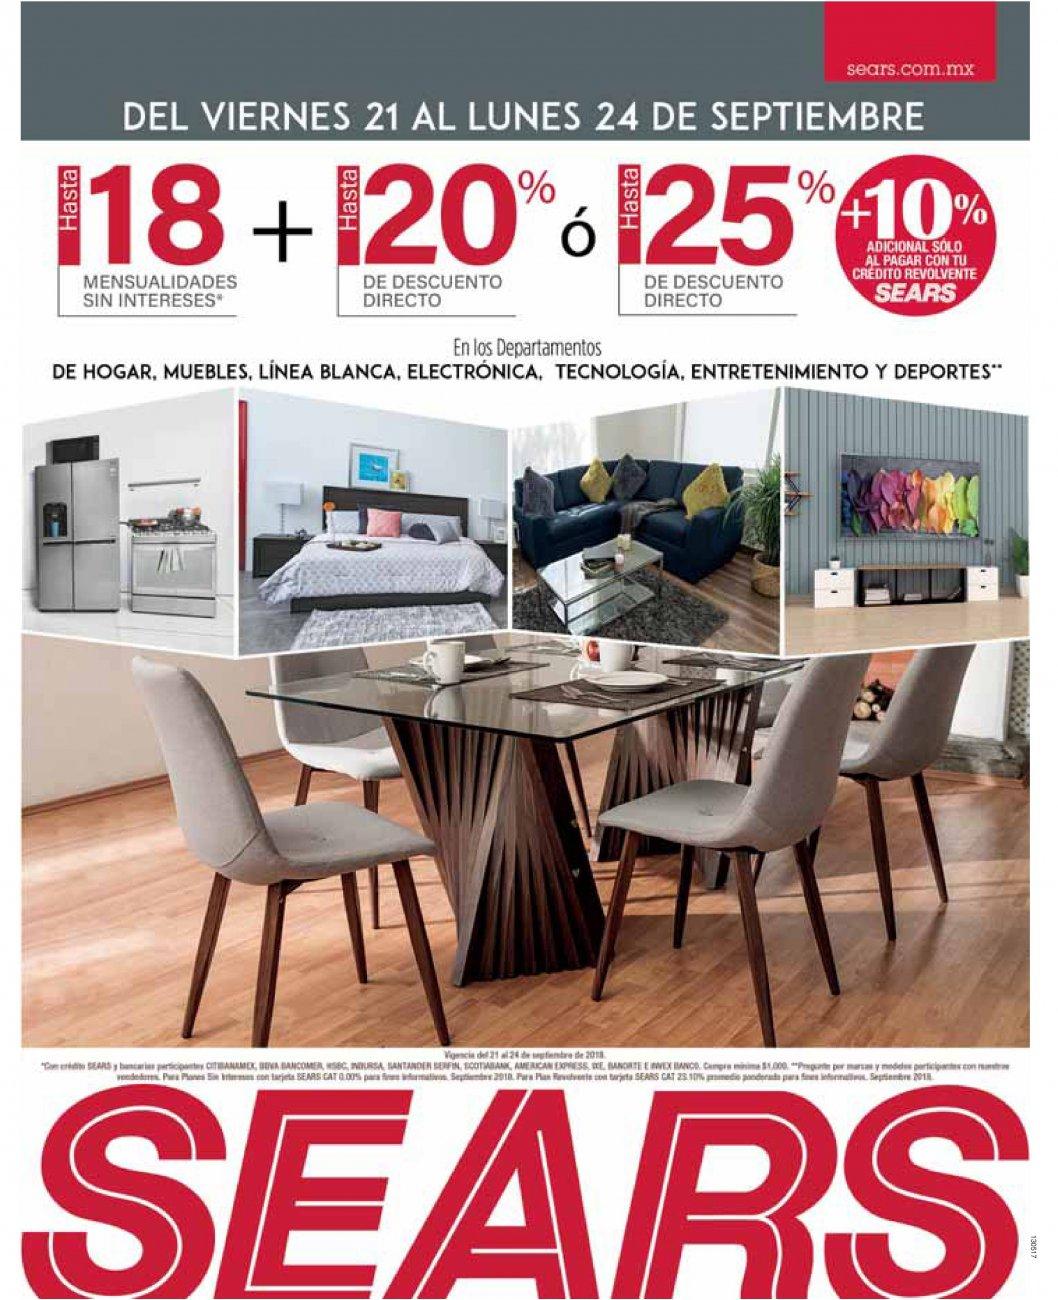 Sears: Hasta 18 MSI + hasta 20% desc. directo ó hasta 25% desc. directo + 10% adicional con crédito revolvente Sears en diversos departamentos